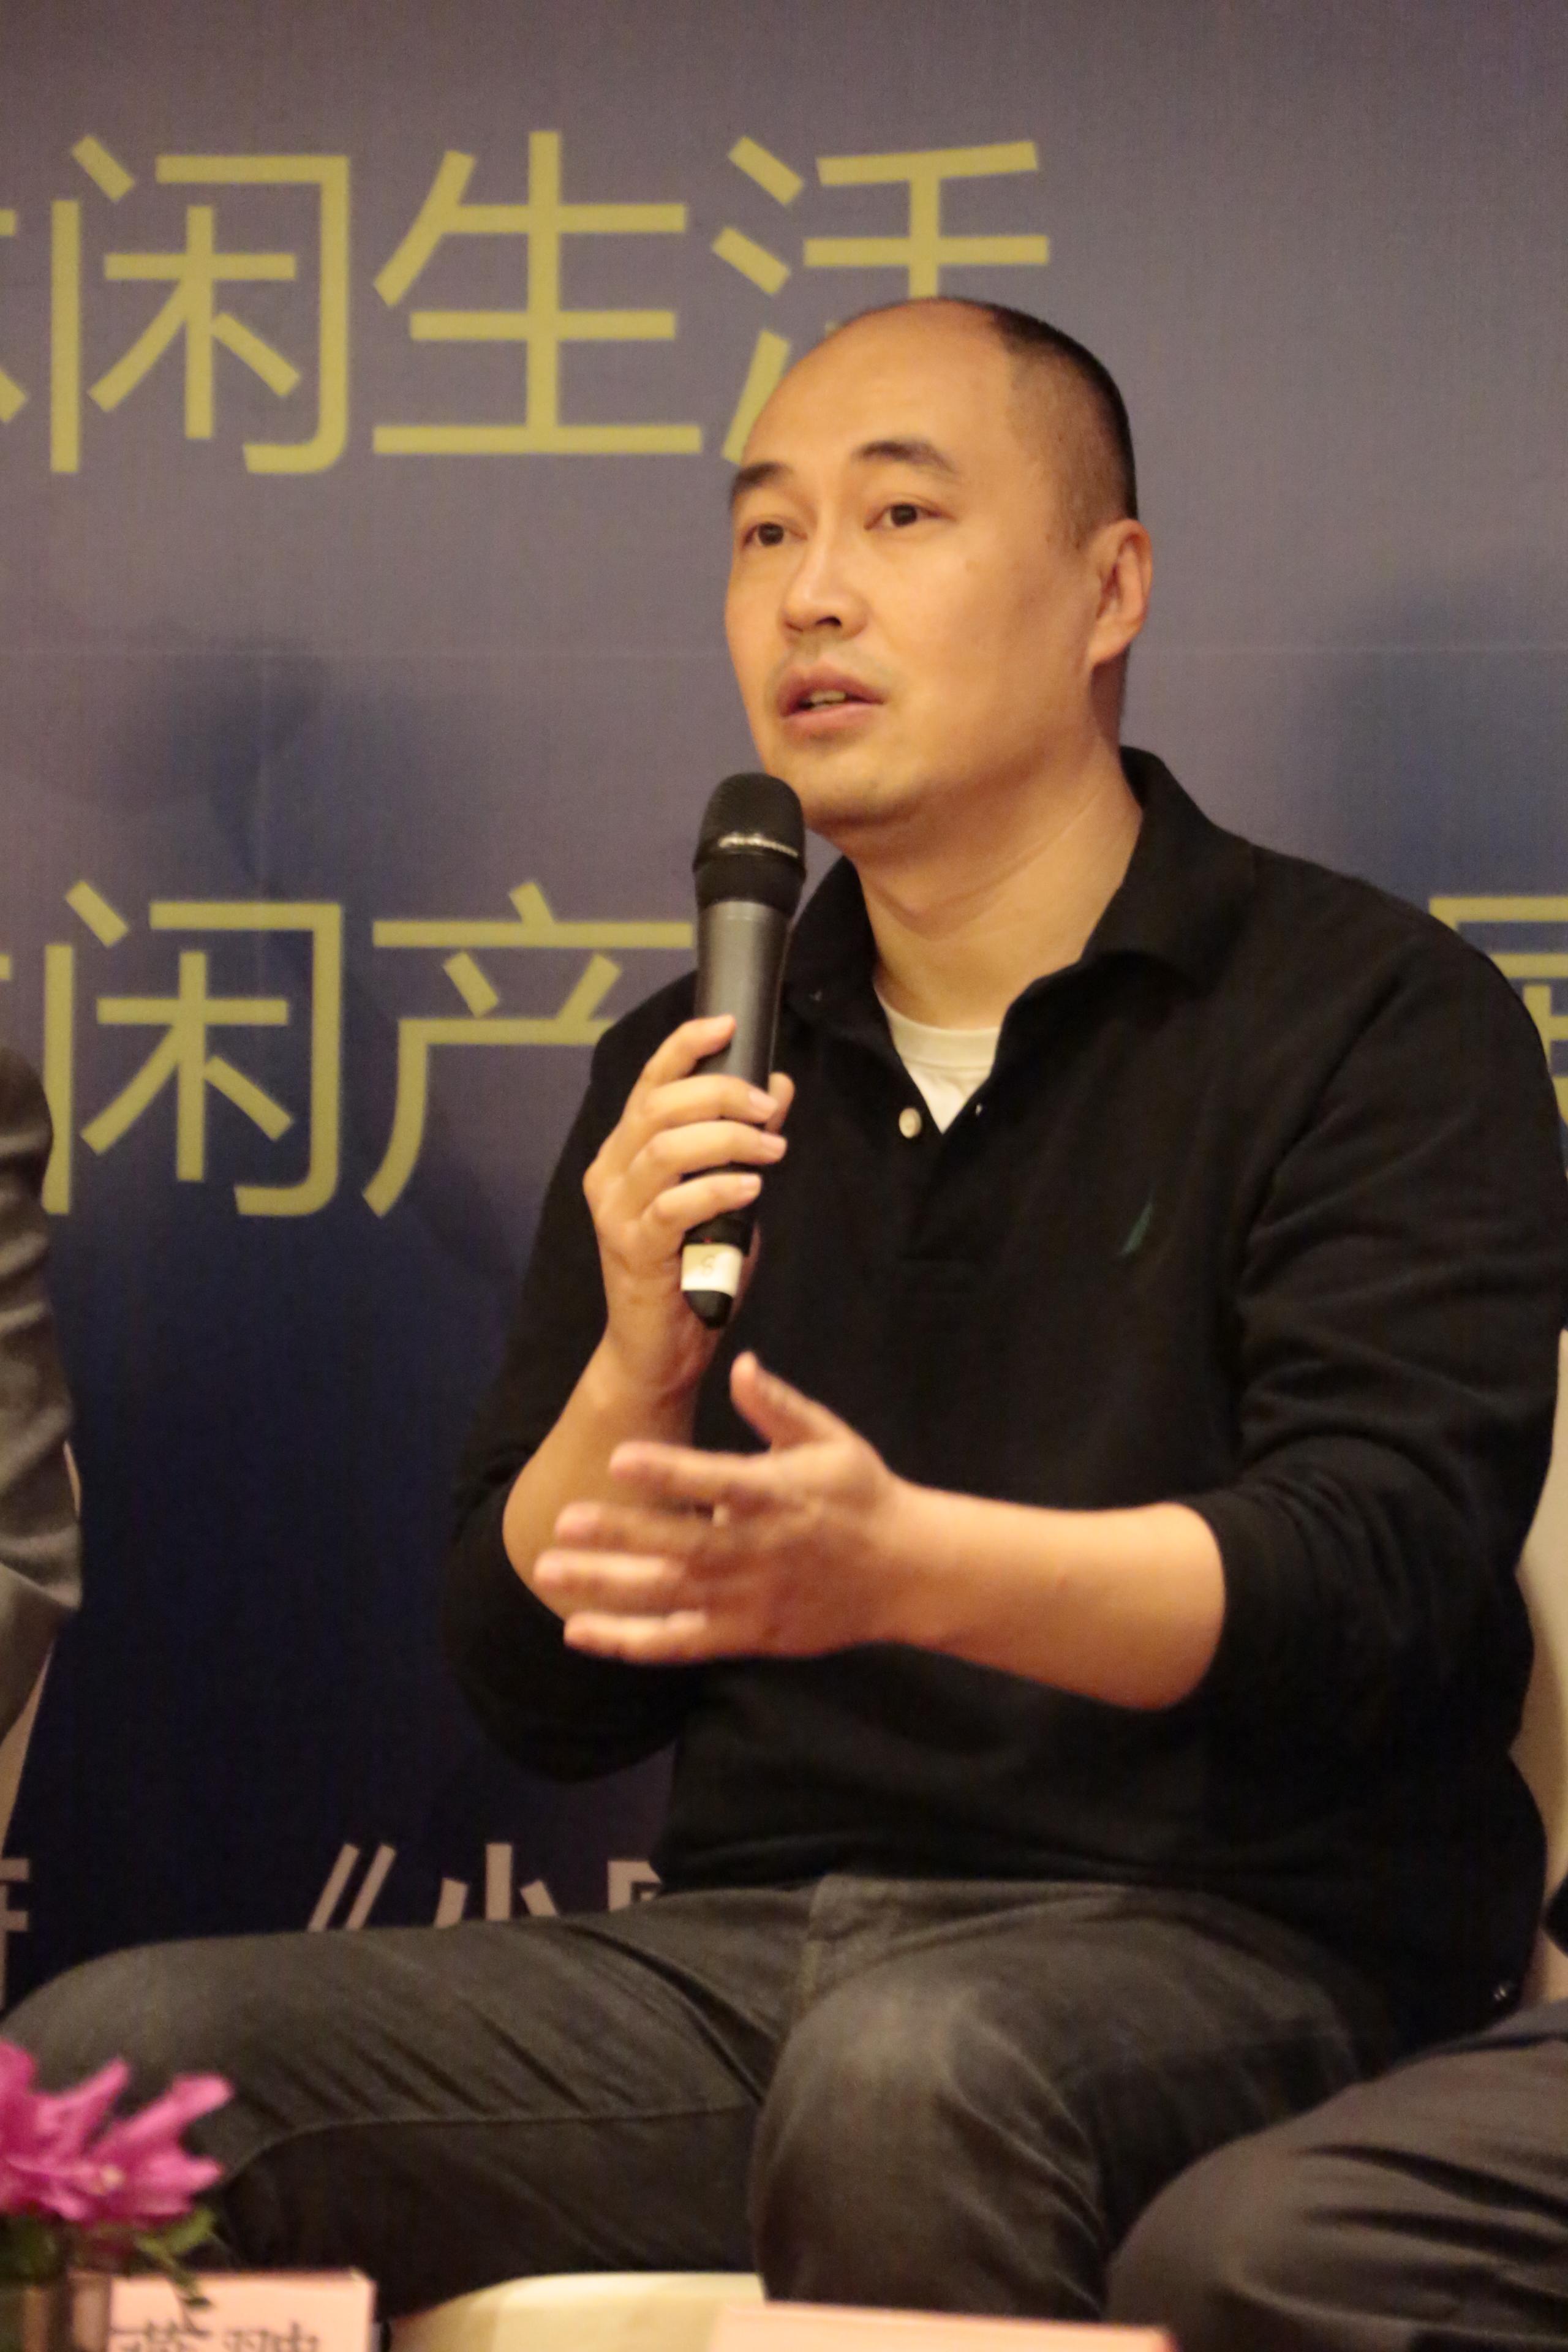 摘星社CEO-联合创始人曹秦燕翀